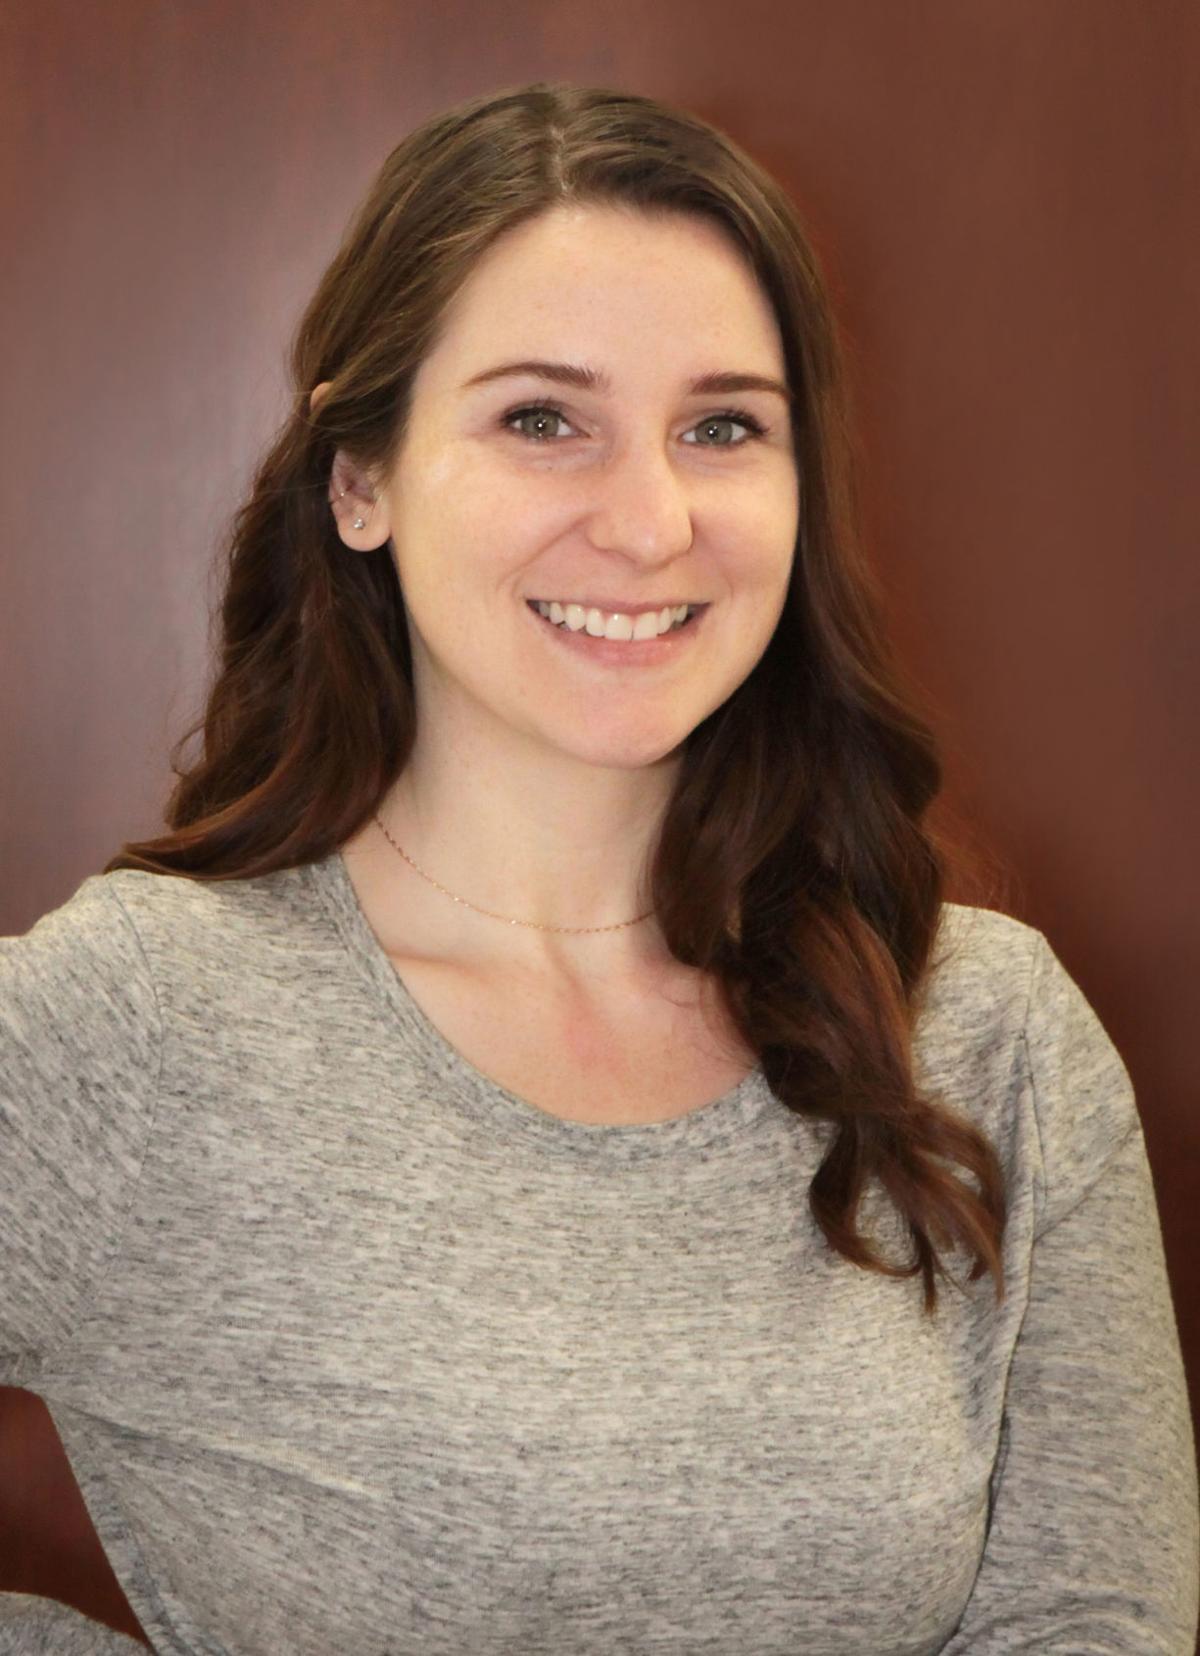 Samantha Frugé